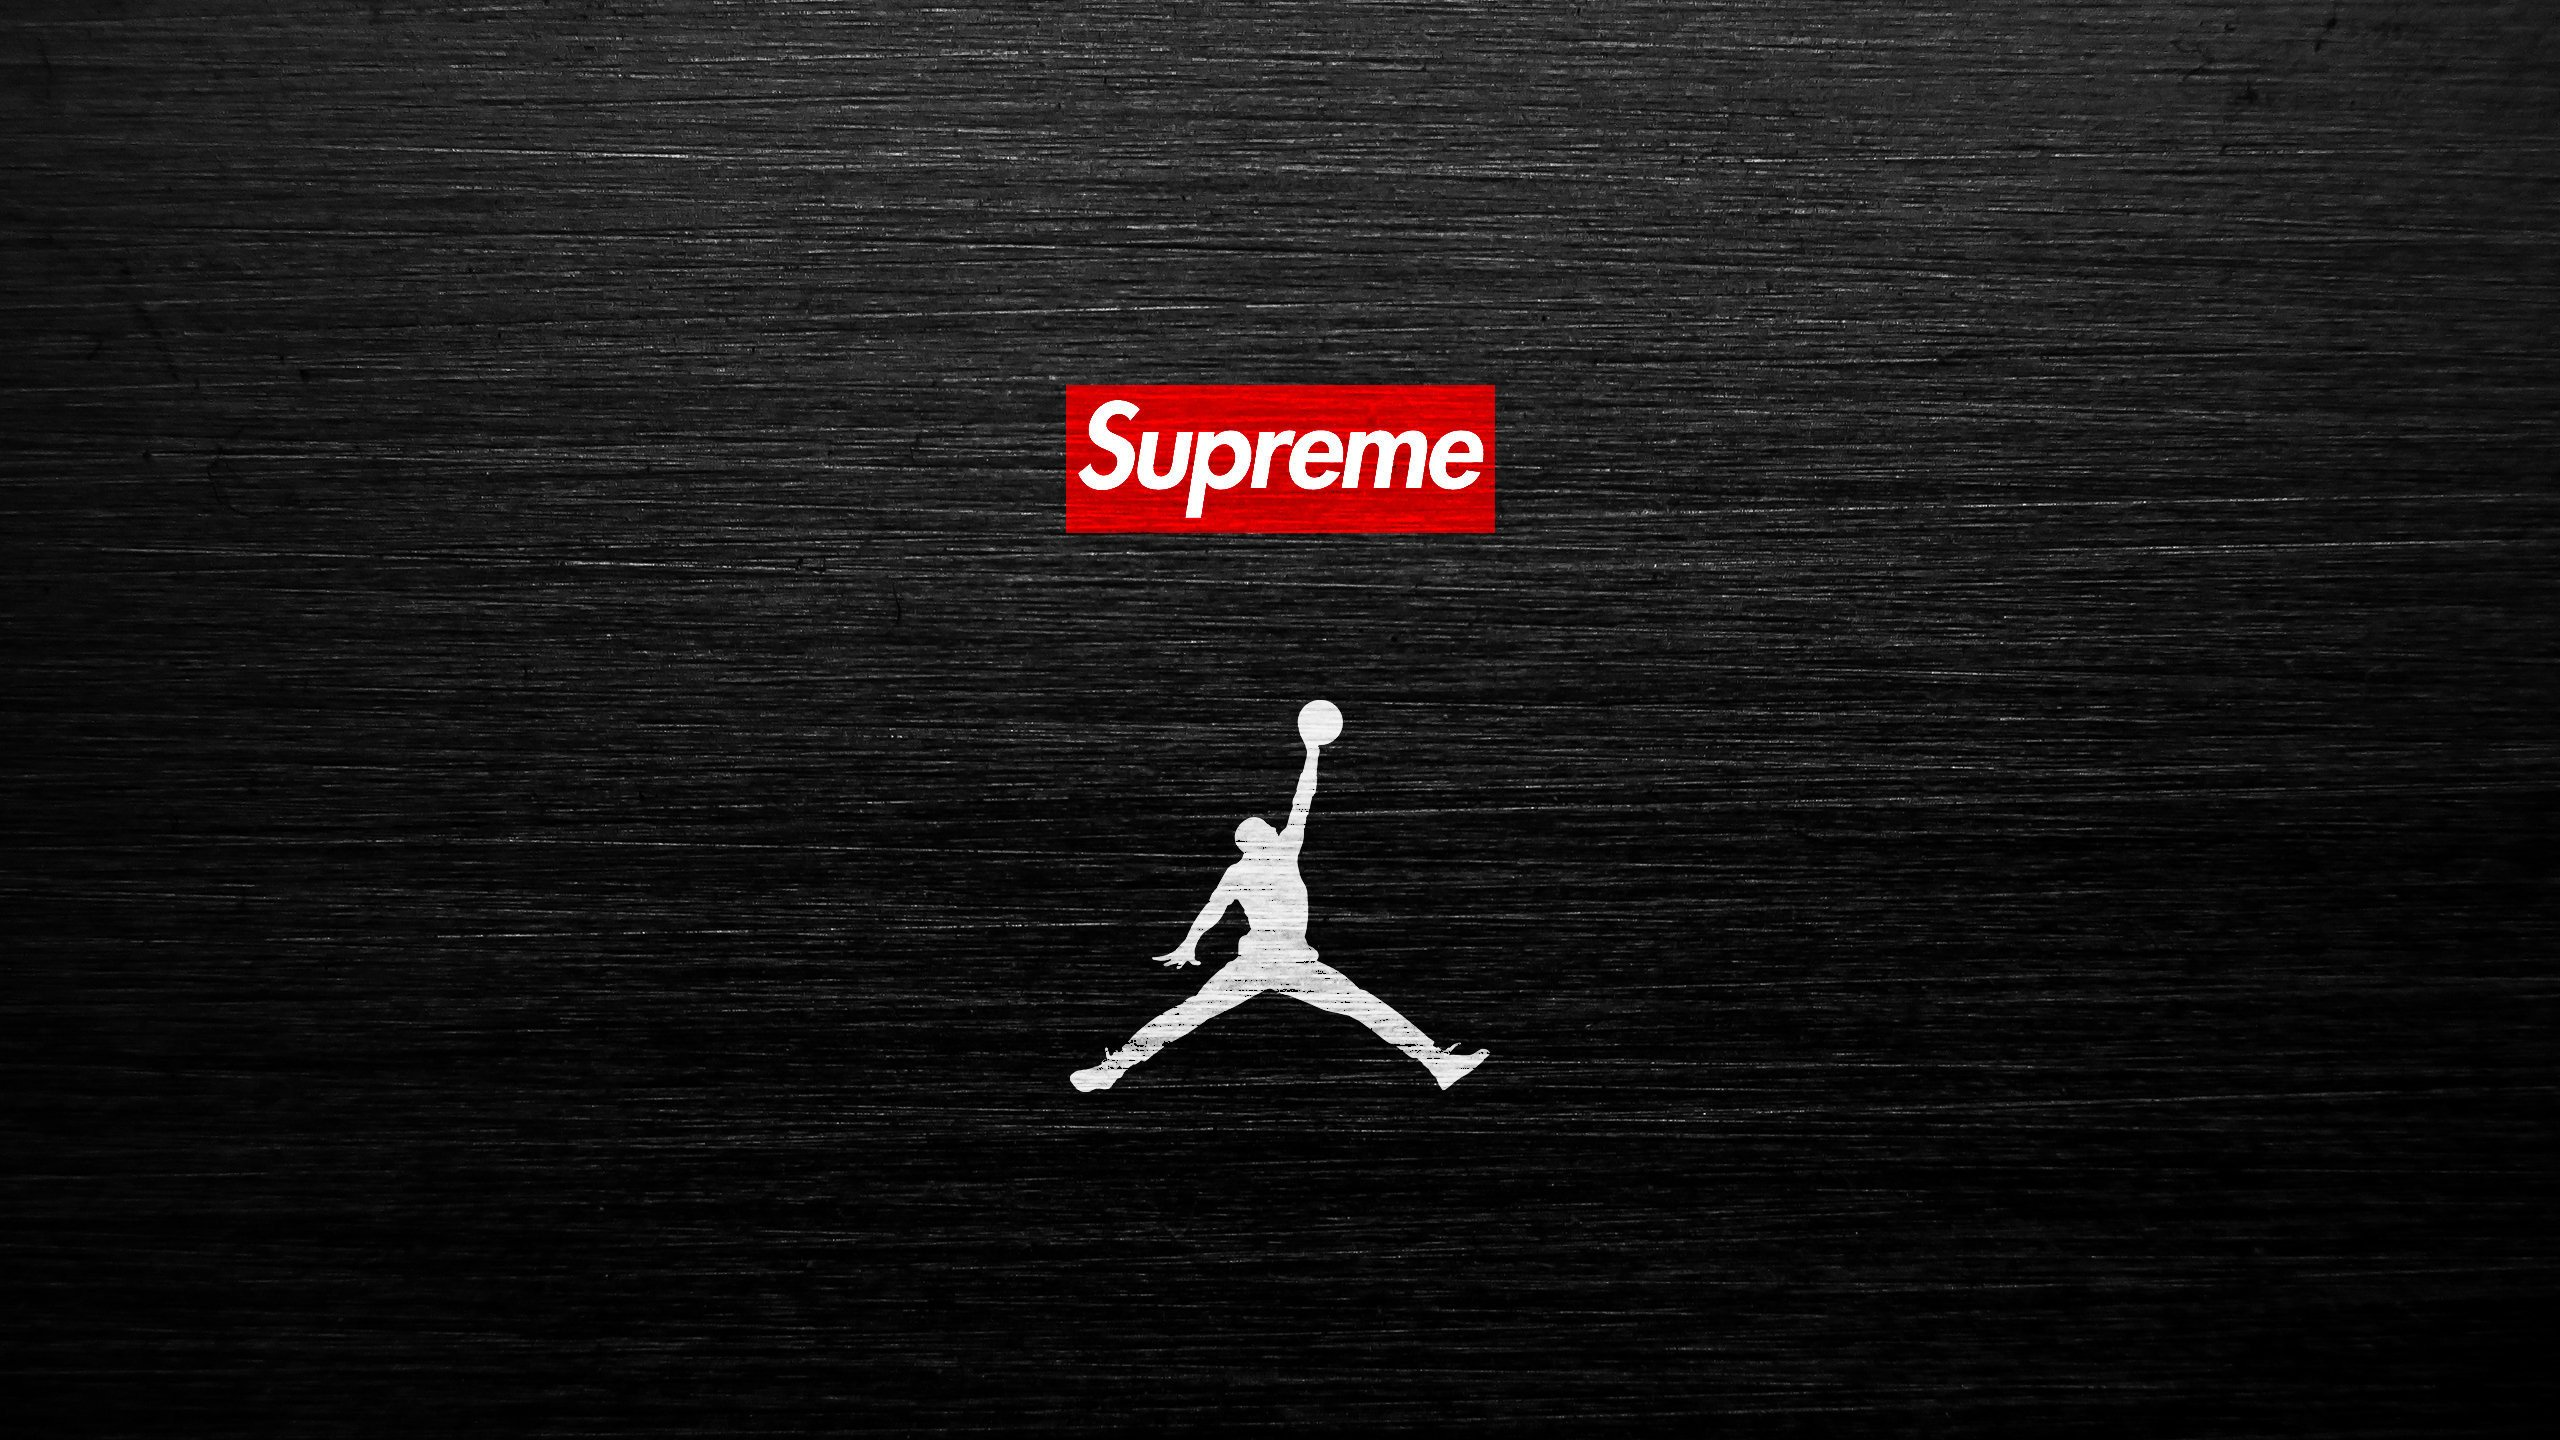 50+ Supreme Black Wallpaper iPhone on WallpaperSafari